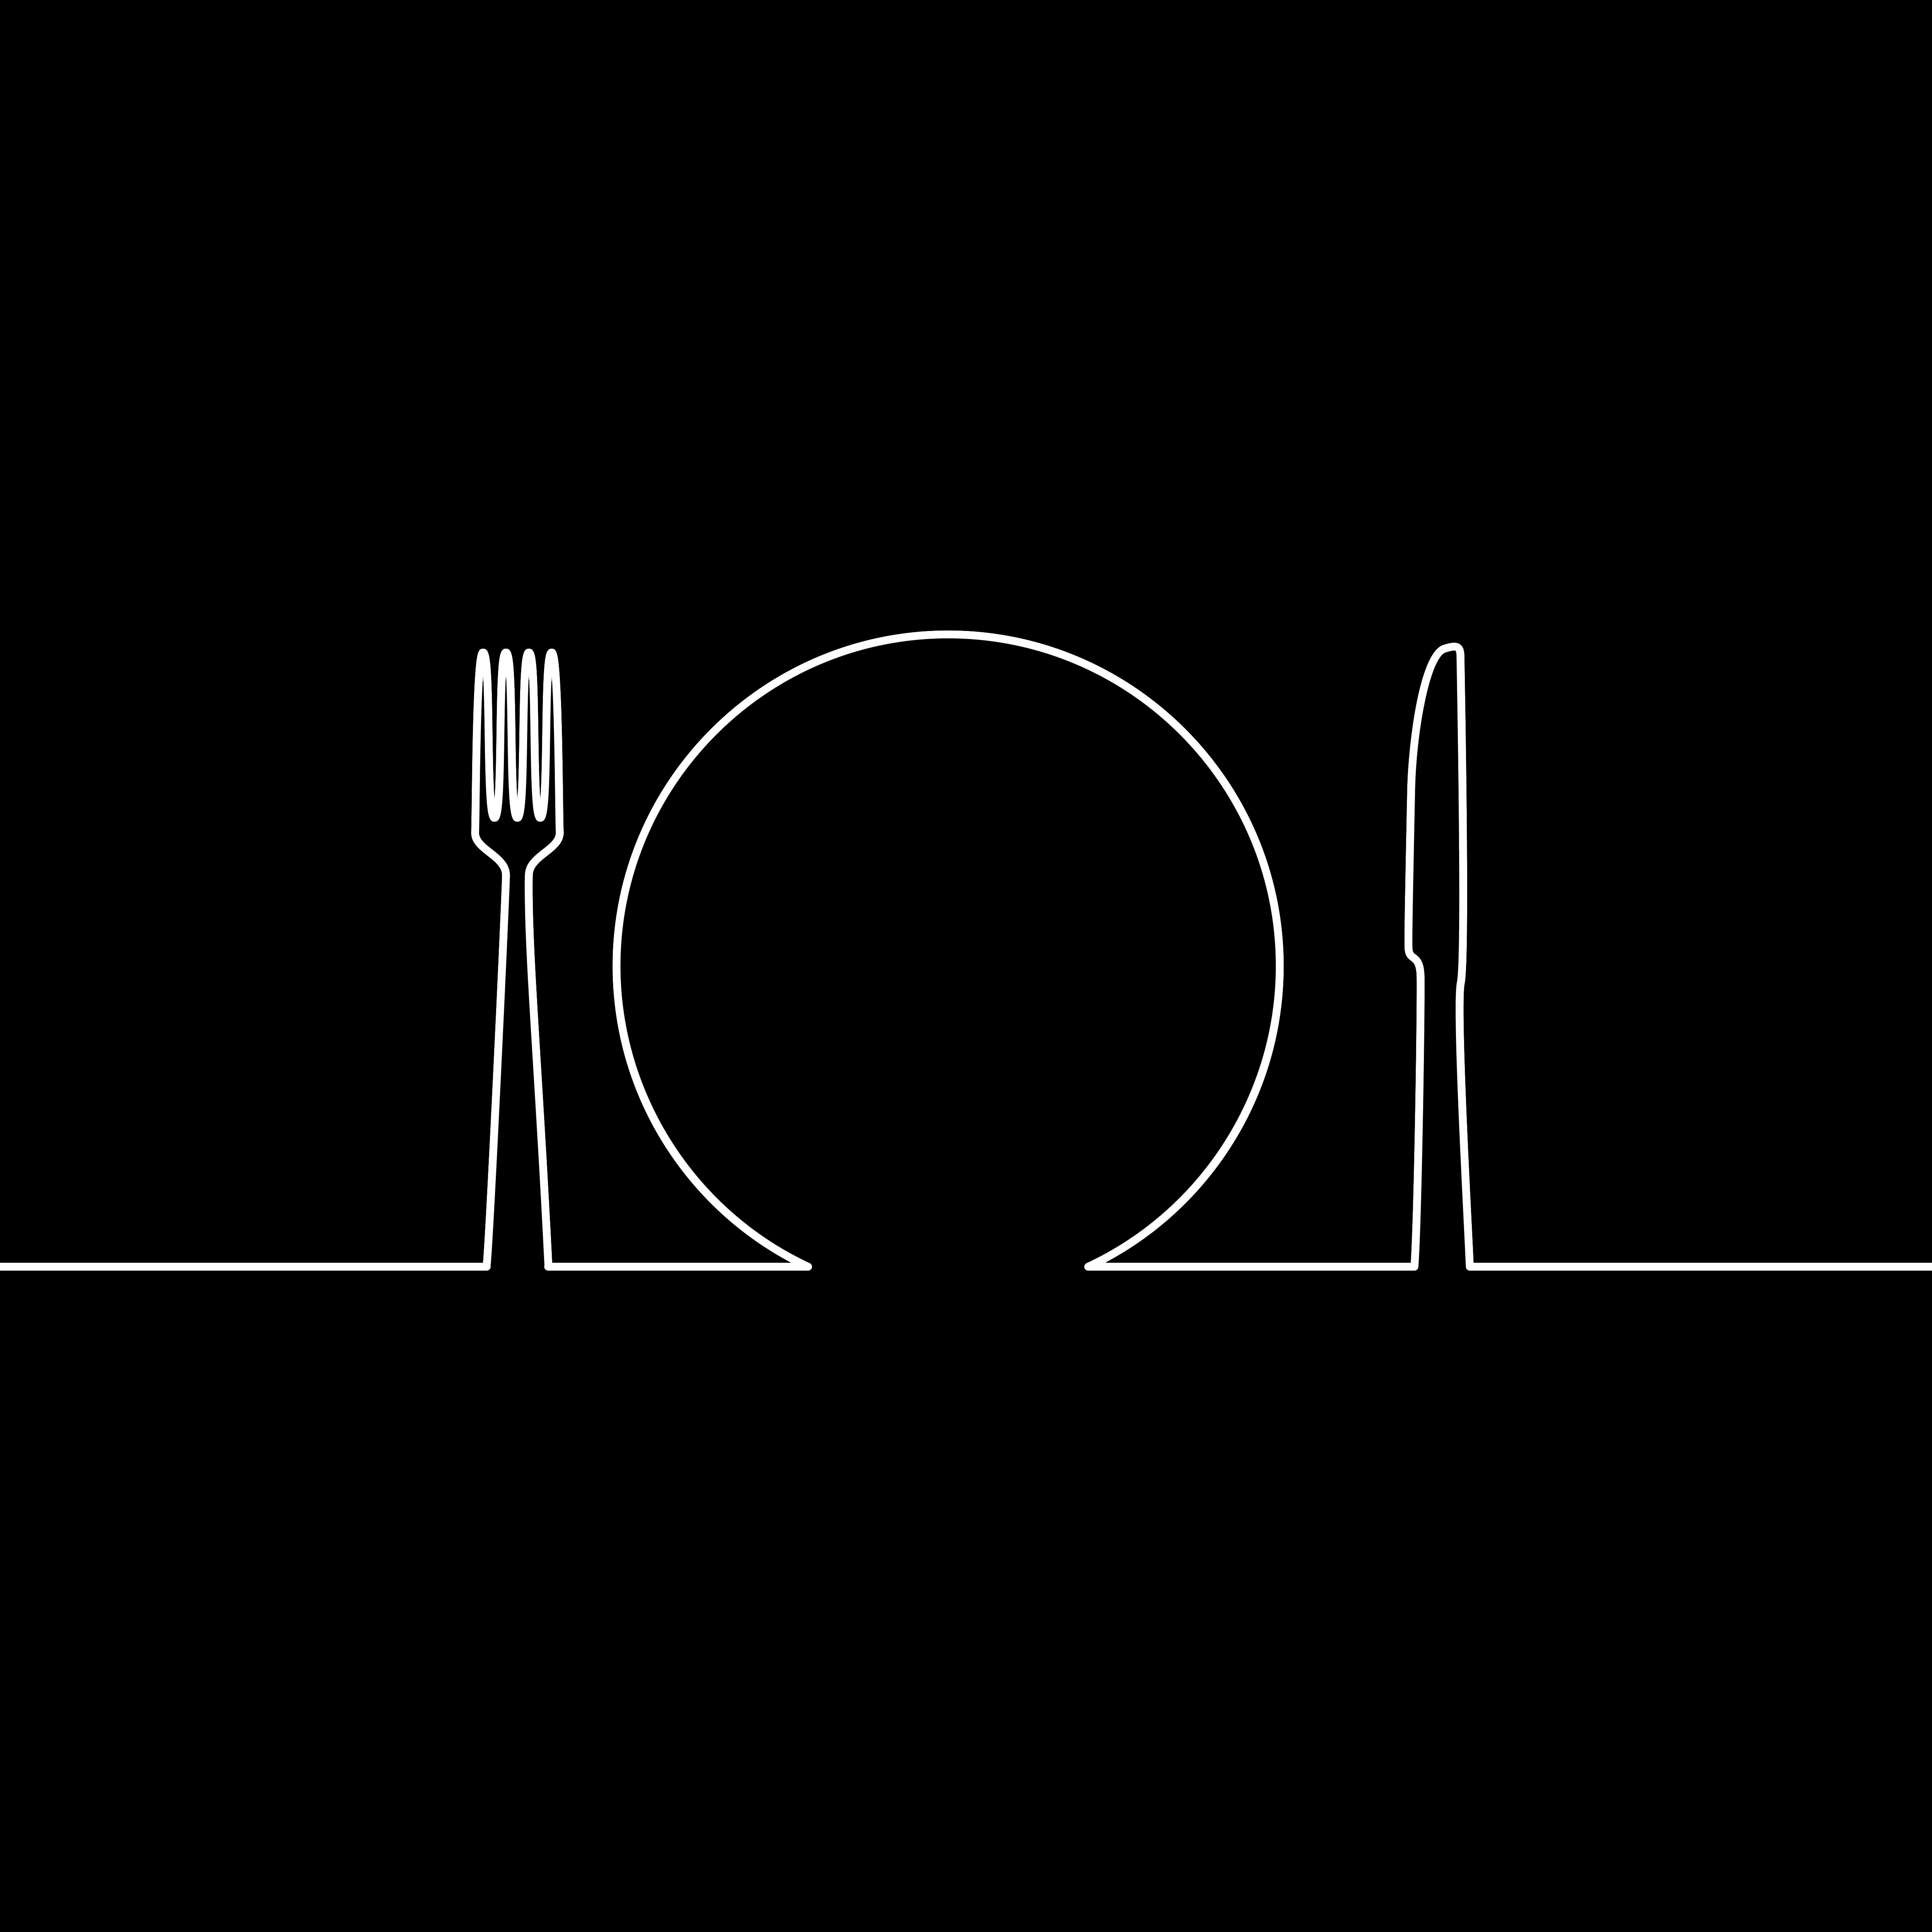 Diner icon workshops